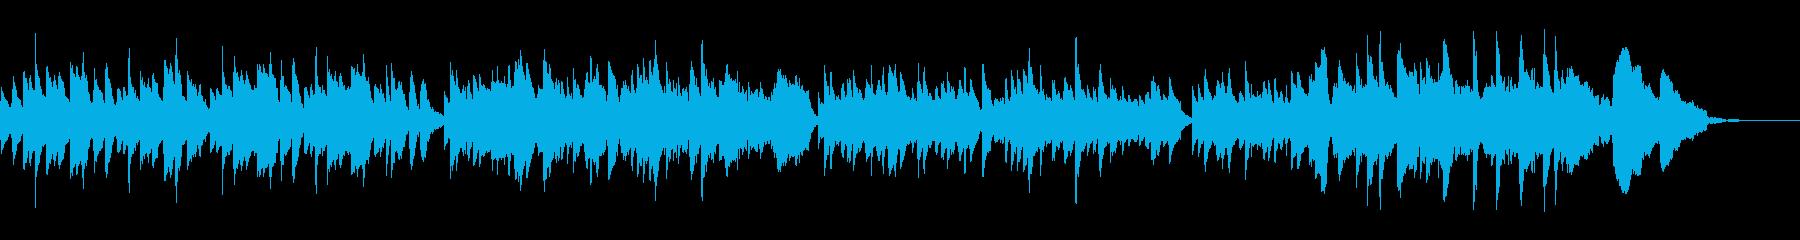 穏やかで優しいノスタルジックな曲の再生済みの波形